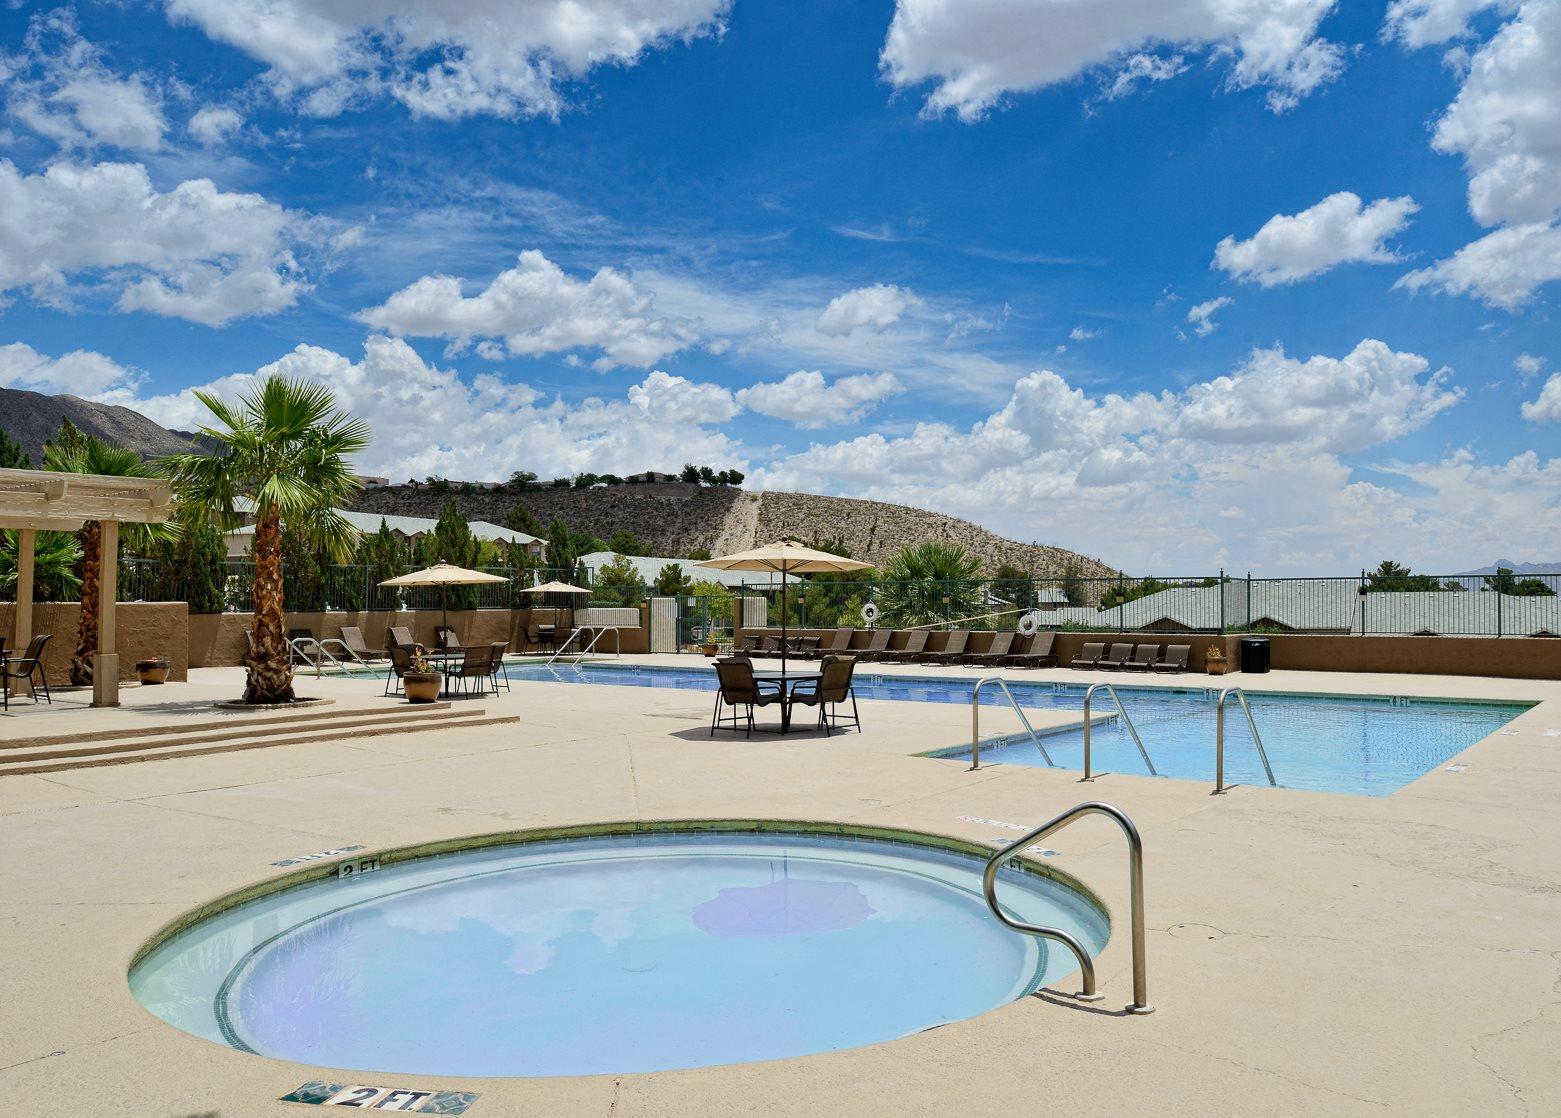 Welcome home apartments in el paso texas acacia park for The garden pool el paso